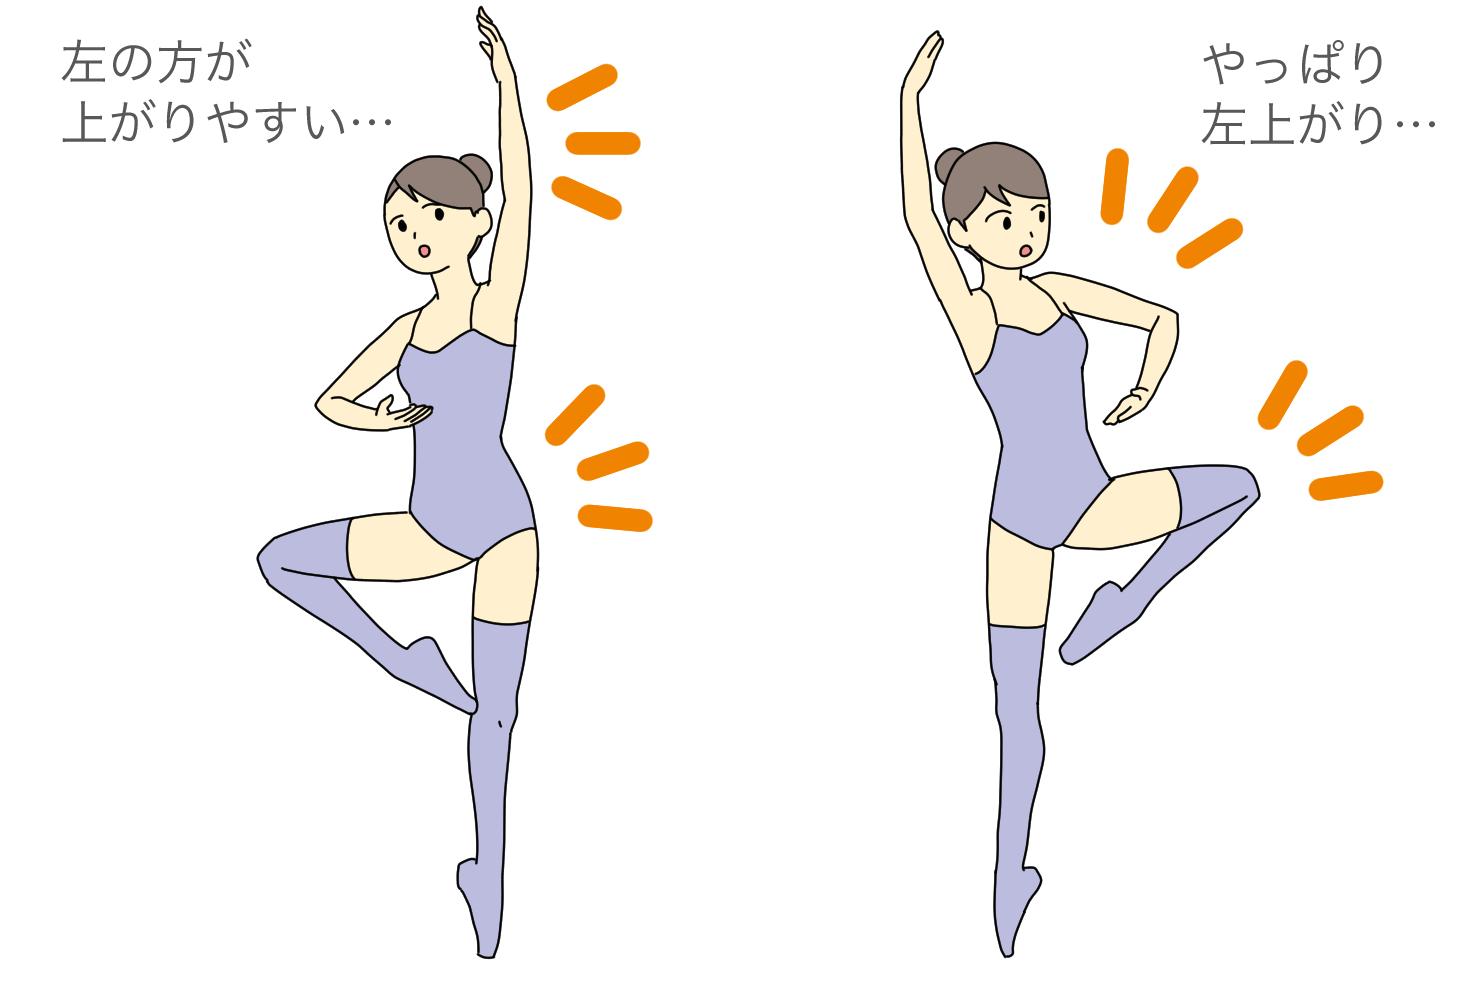 DanceCube61イラスト_001.png